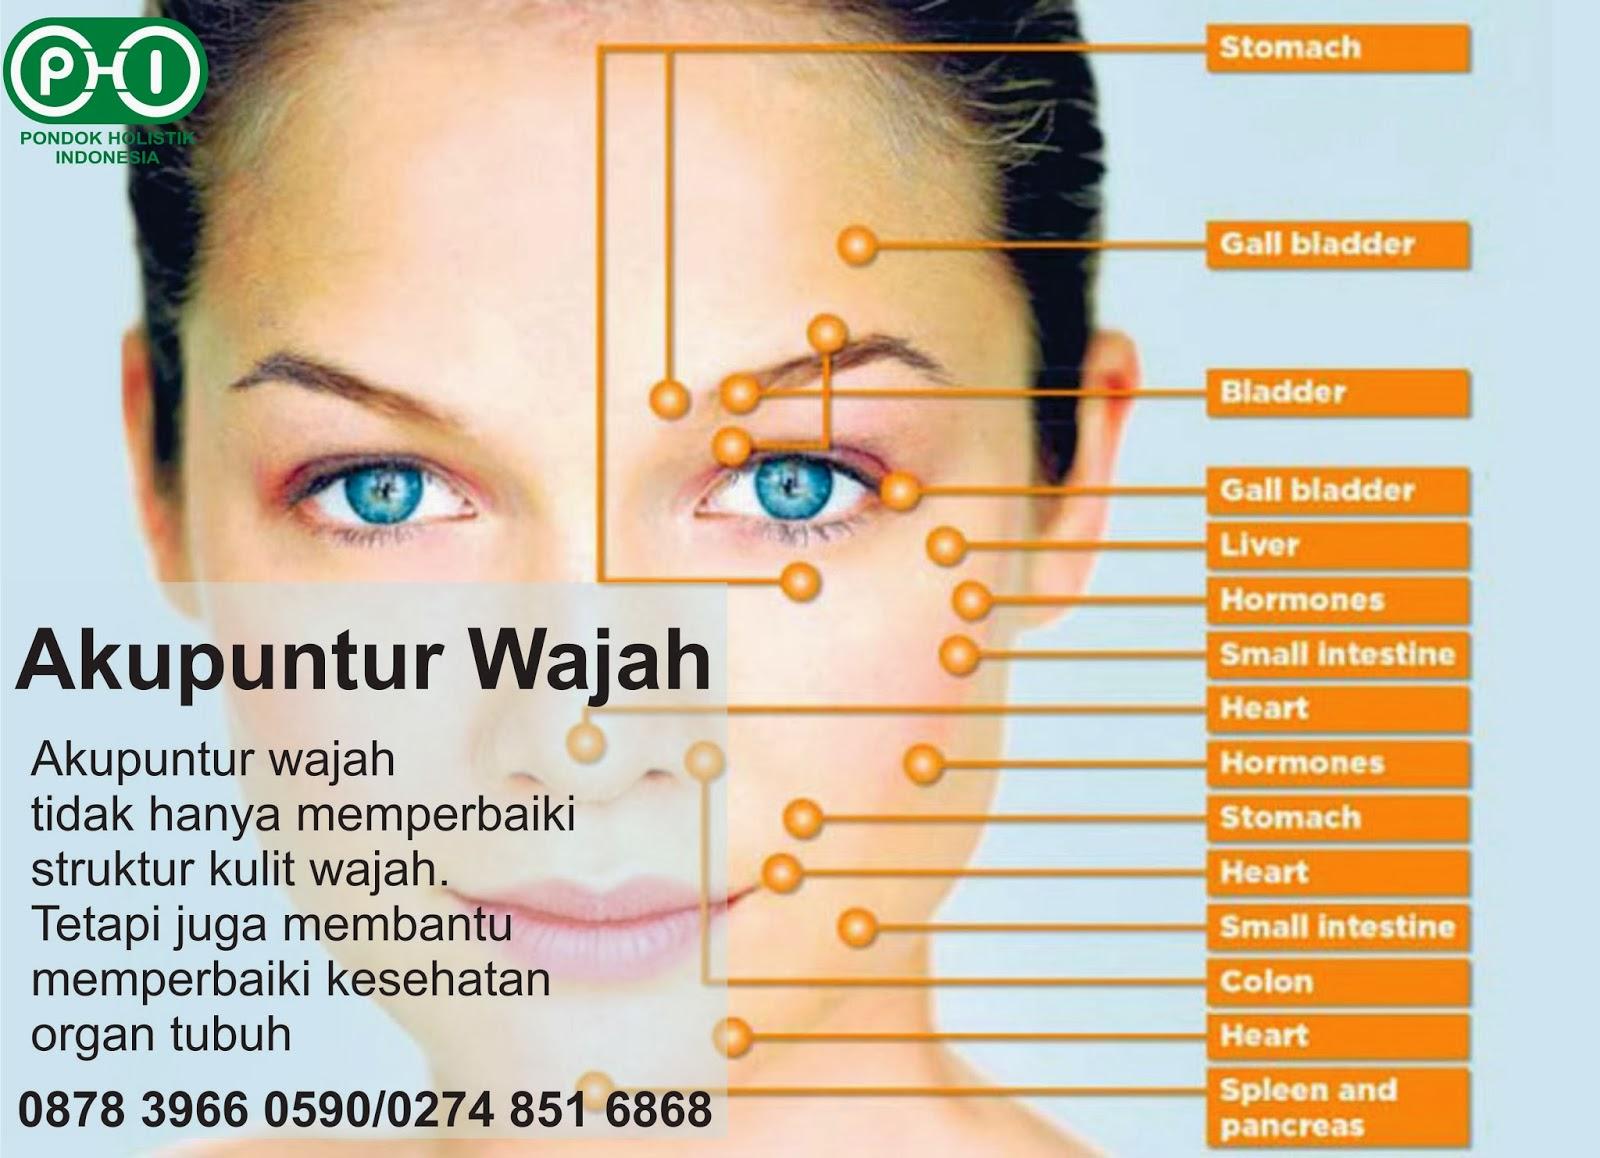 Image Result For Akupuntur Wajah